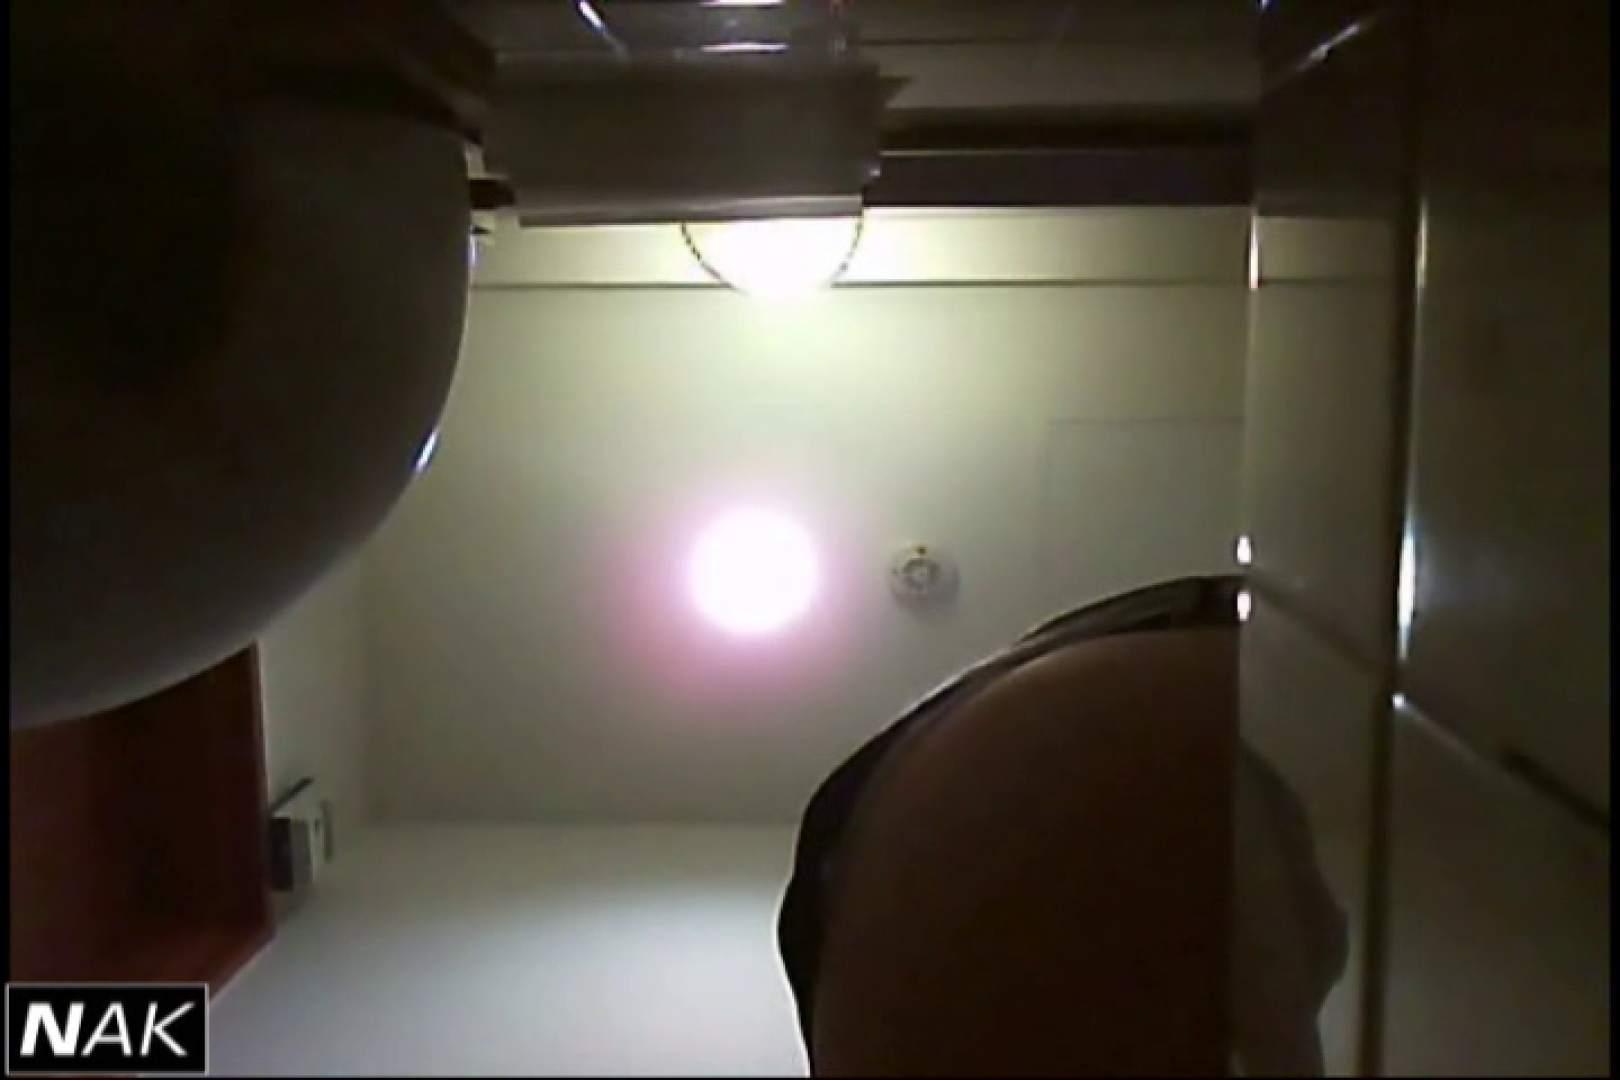 亀さんかわや VIP和式2カメバージョン! vol.05 黄金水 | ギャルのマンコ  11枚 9